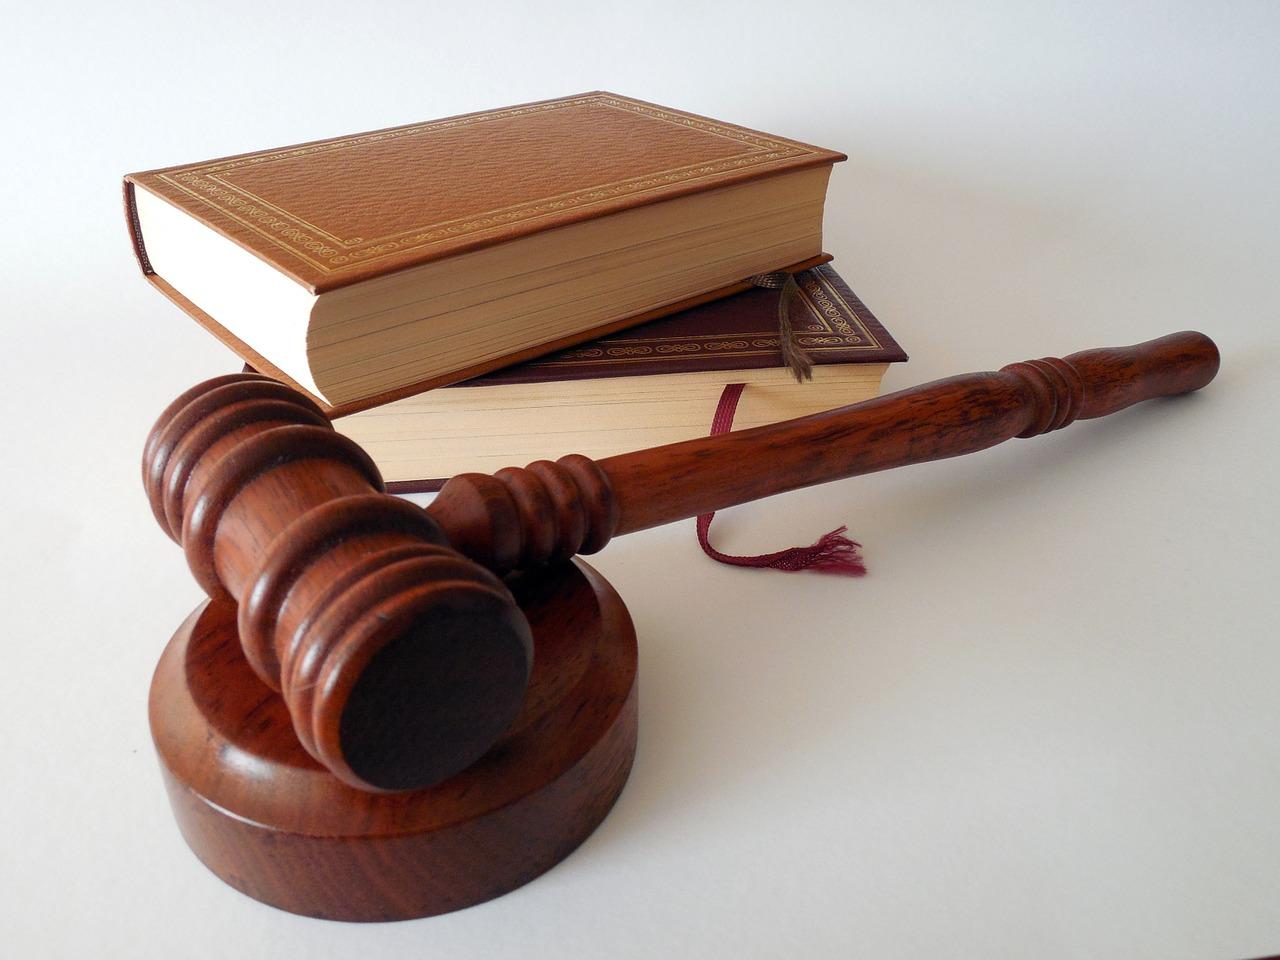 Azartinių lošimų teisinis reguliavimas Lietuvoje